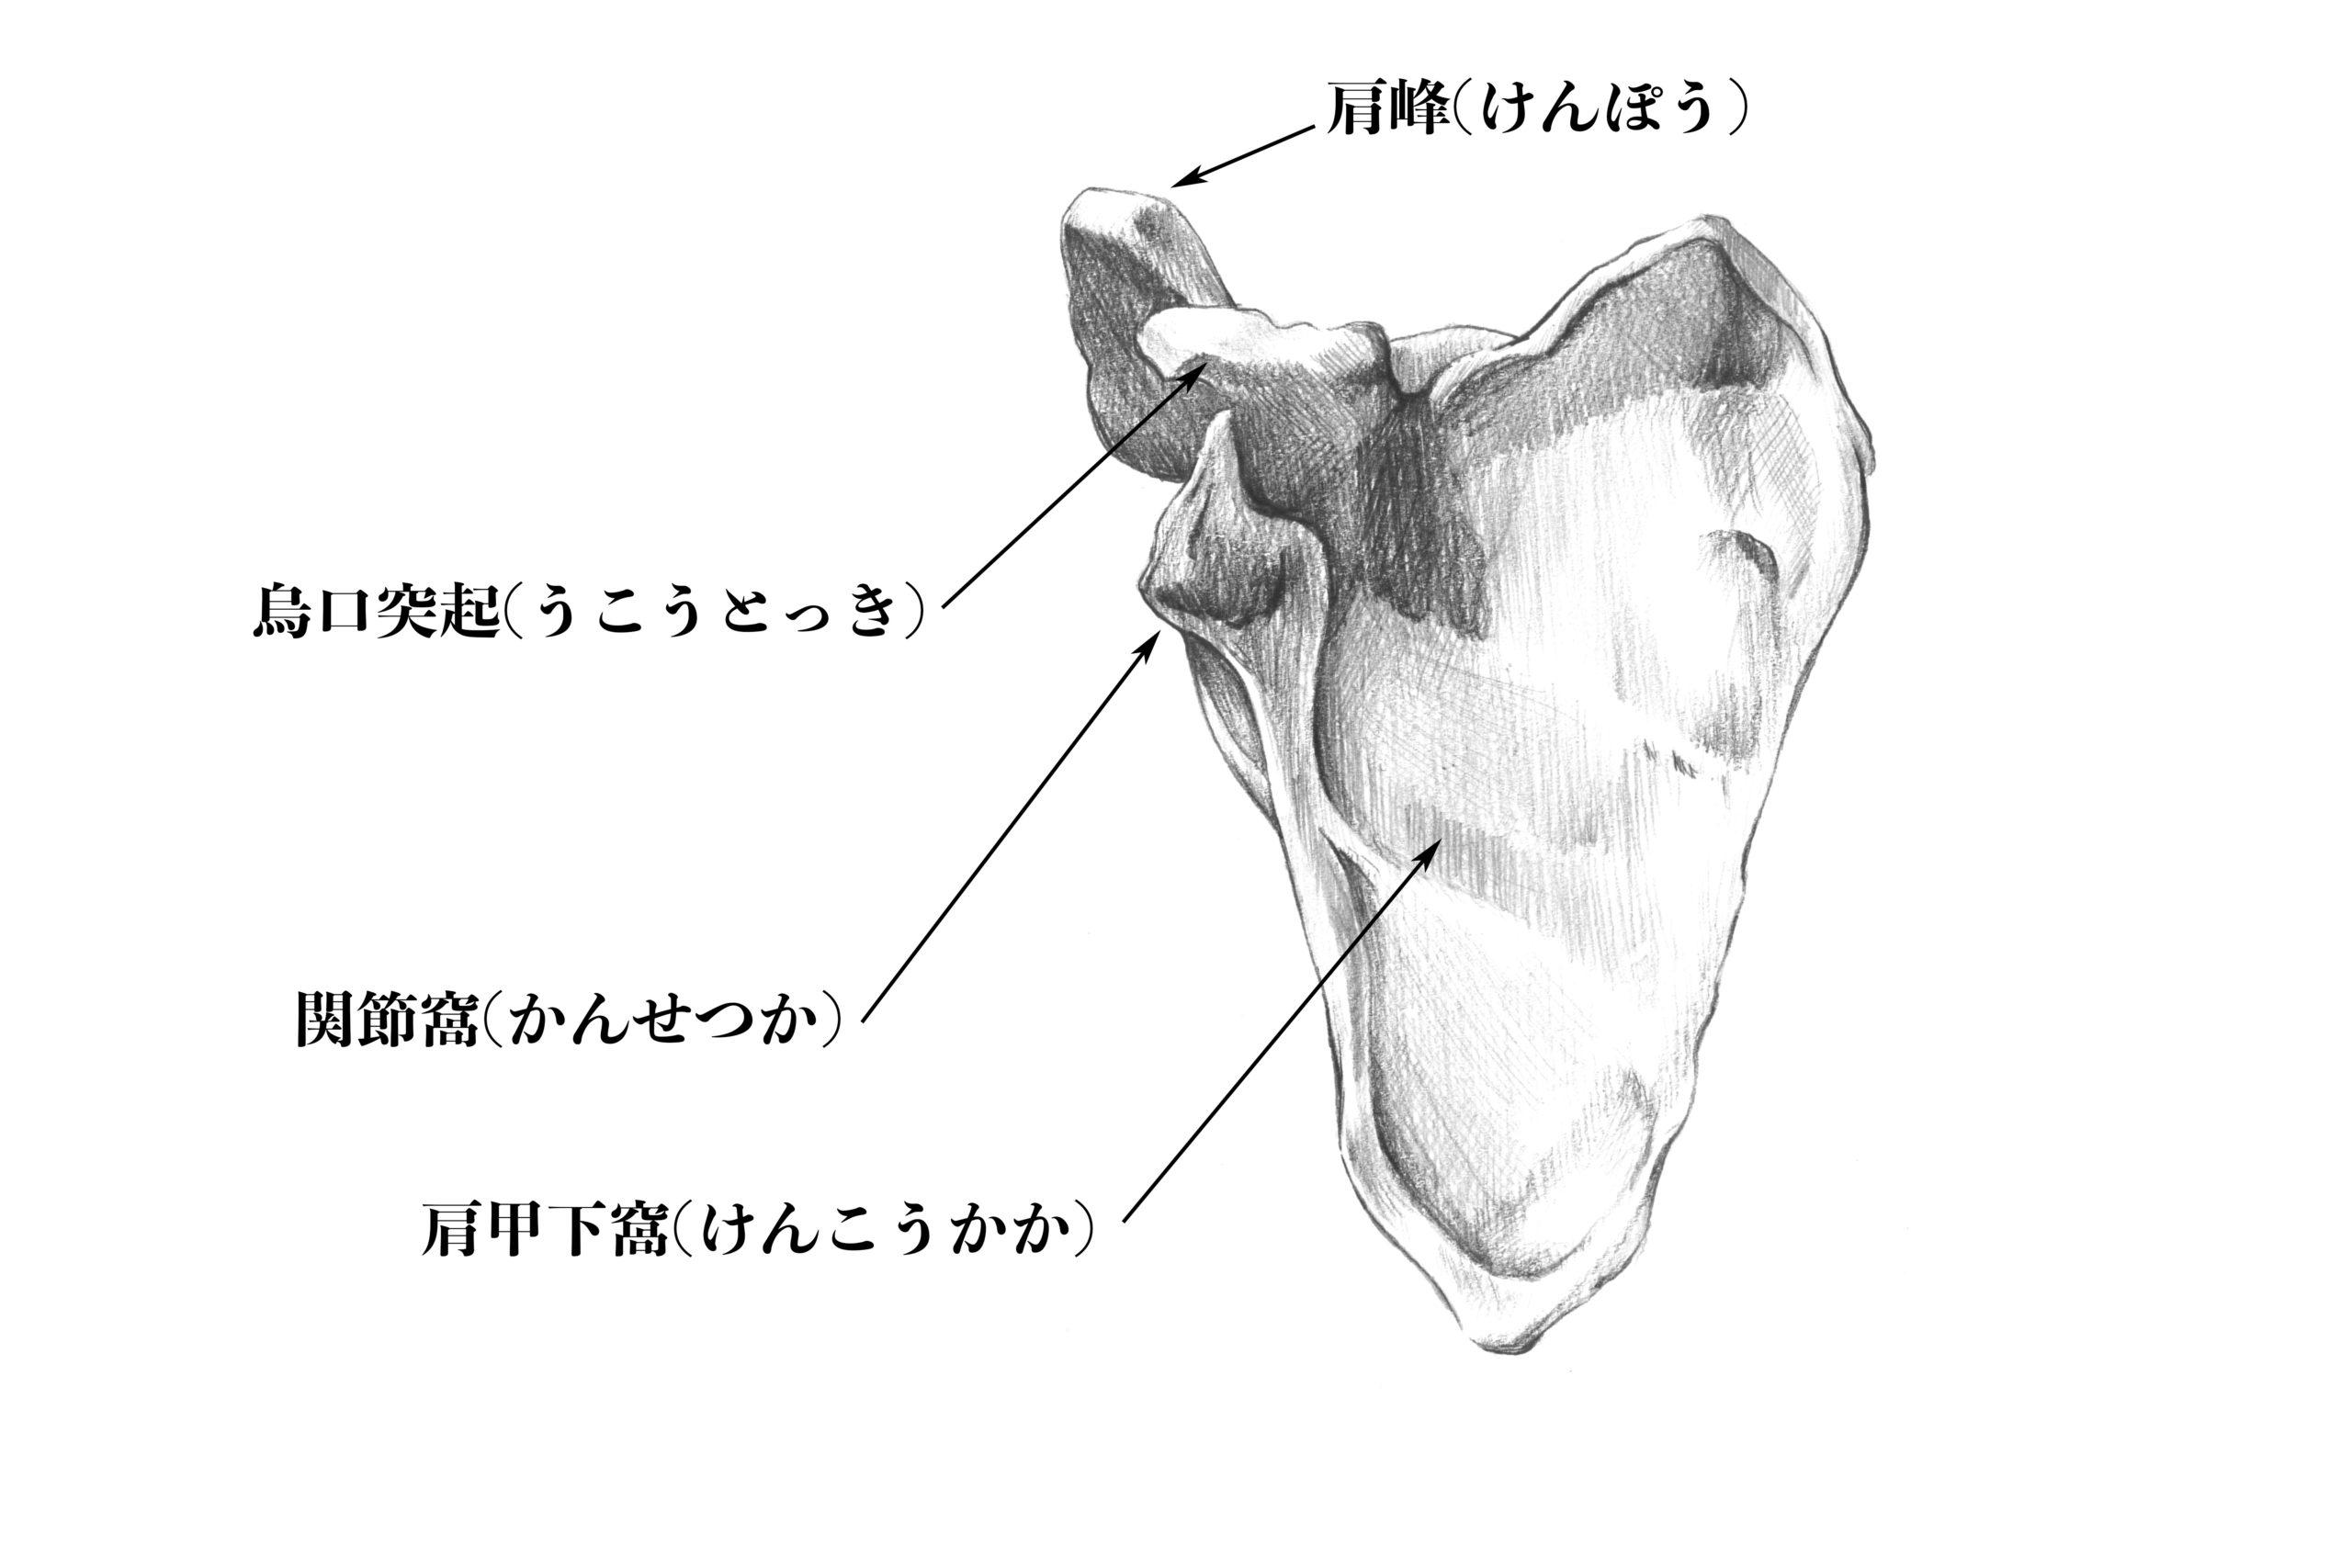 肩甲骨前からのスケッチ